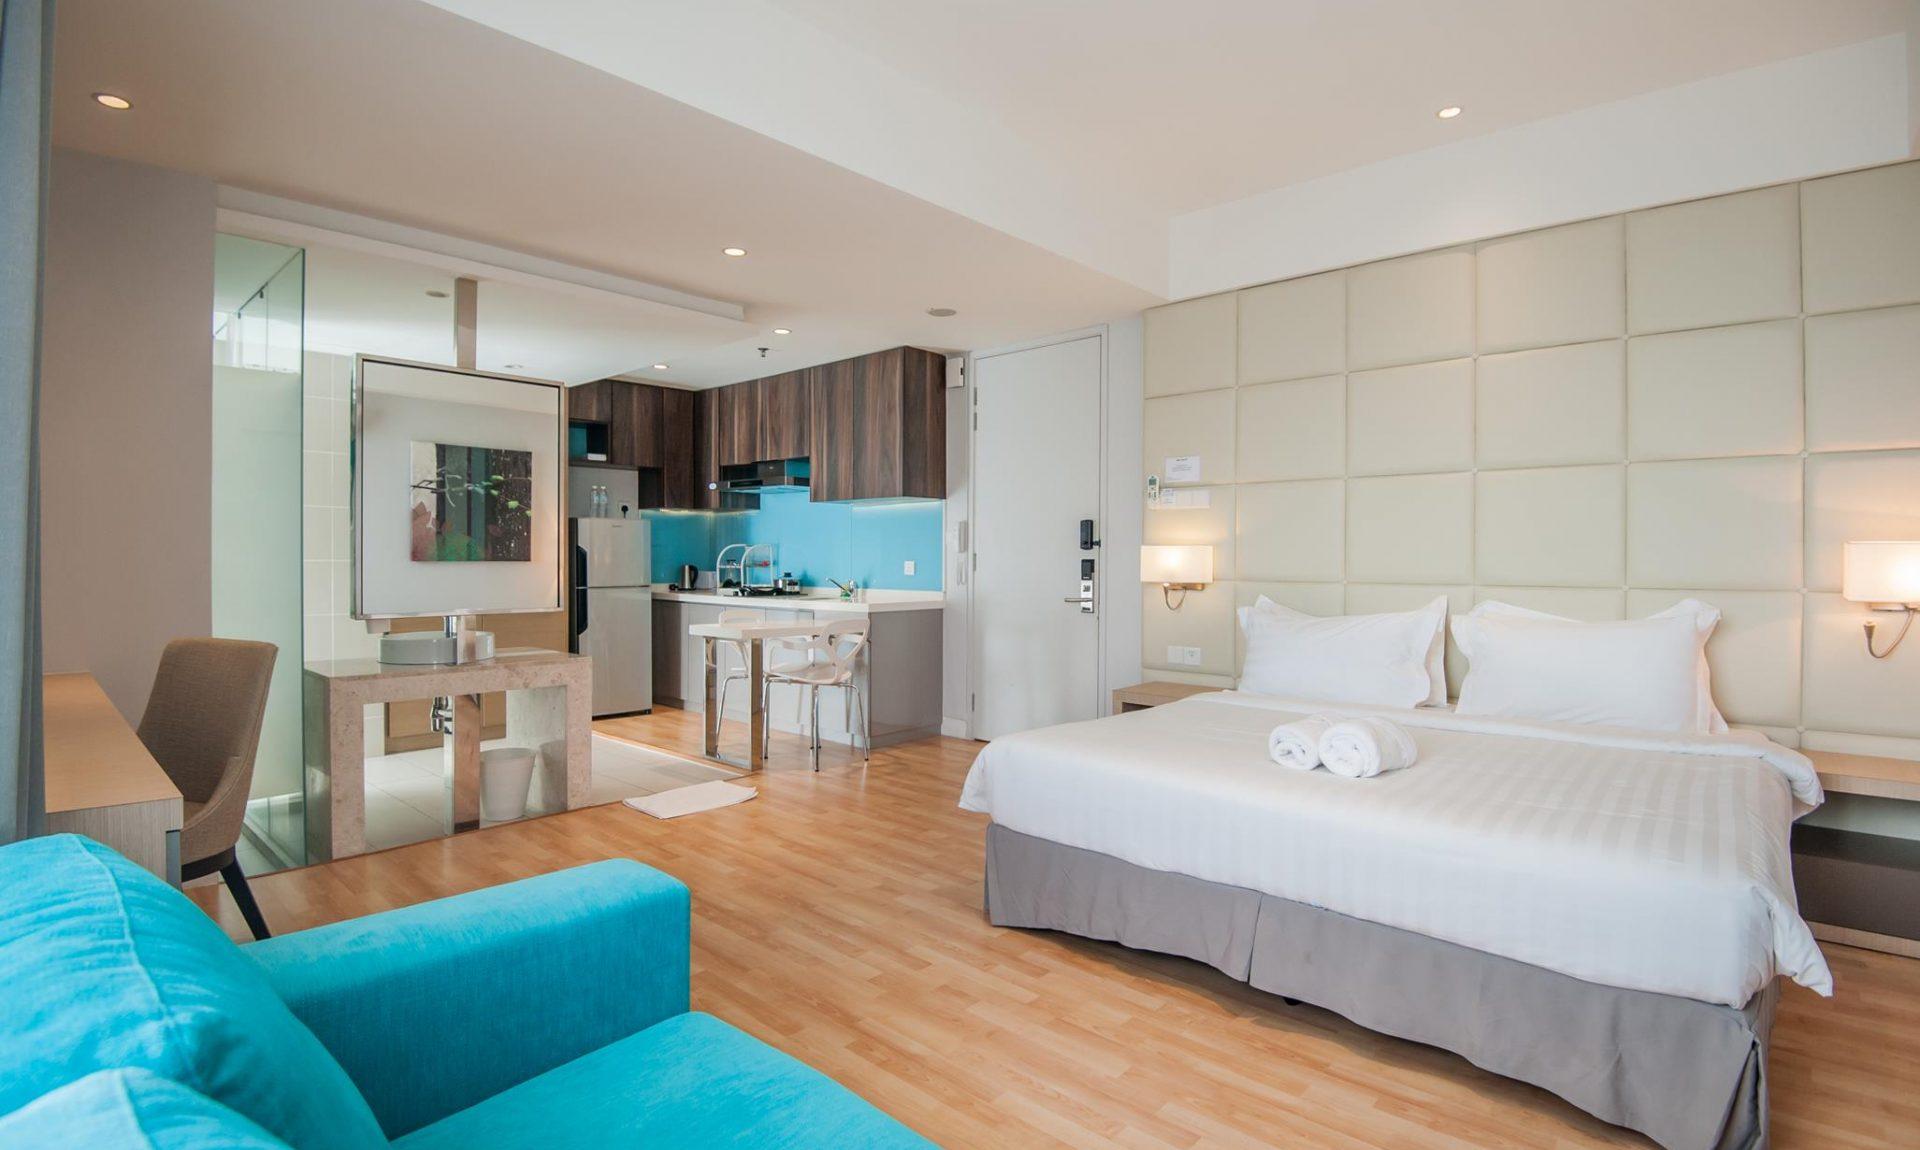 D_Majestic_2 Bedroom Apartment 011